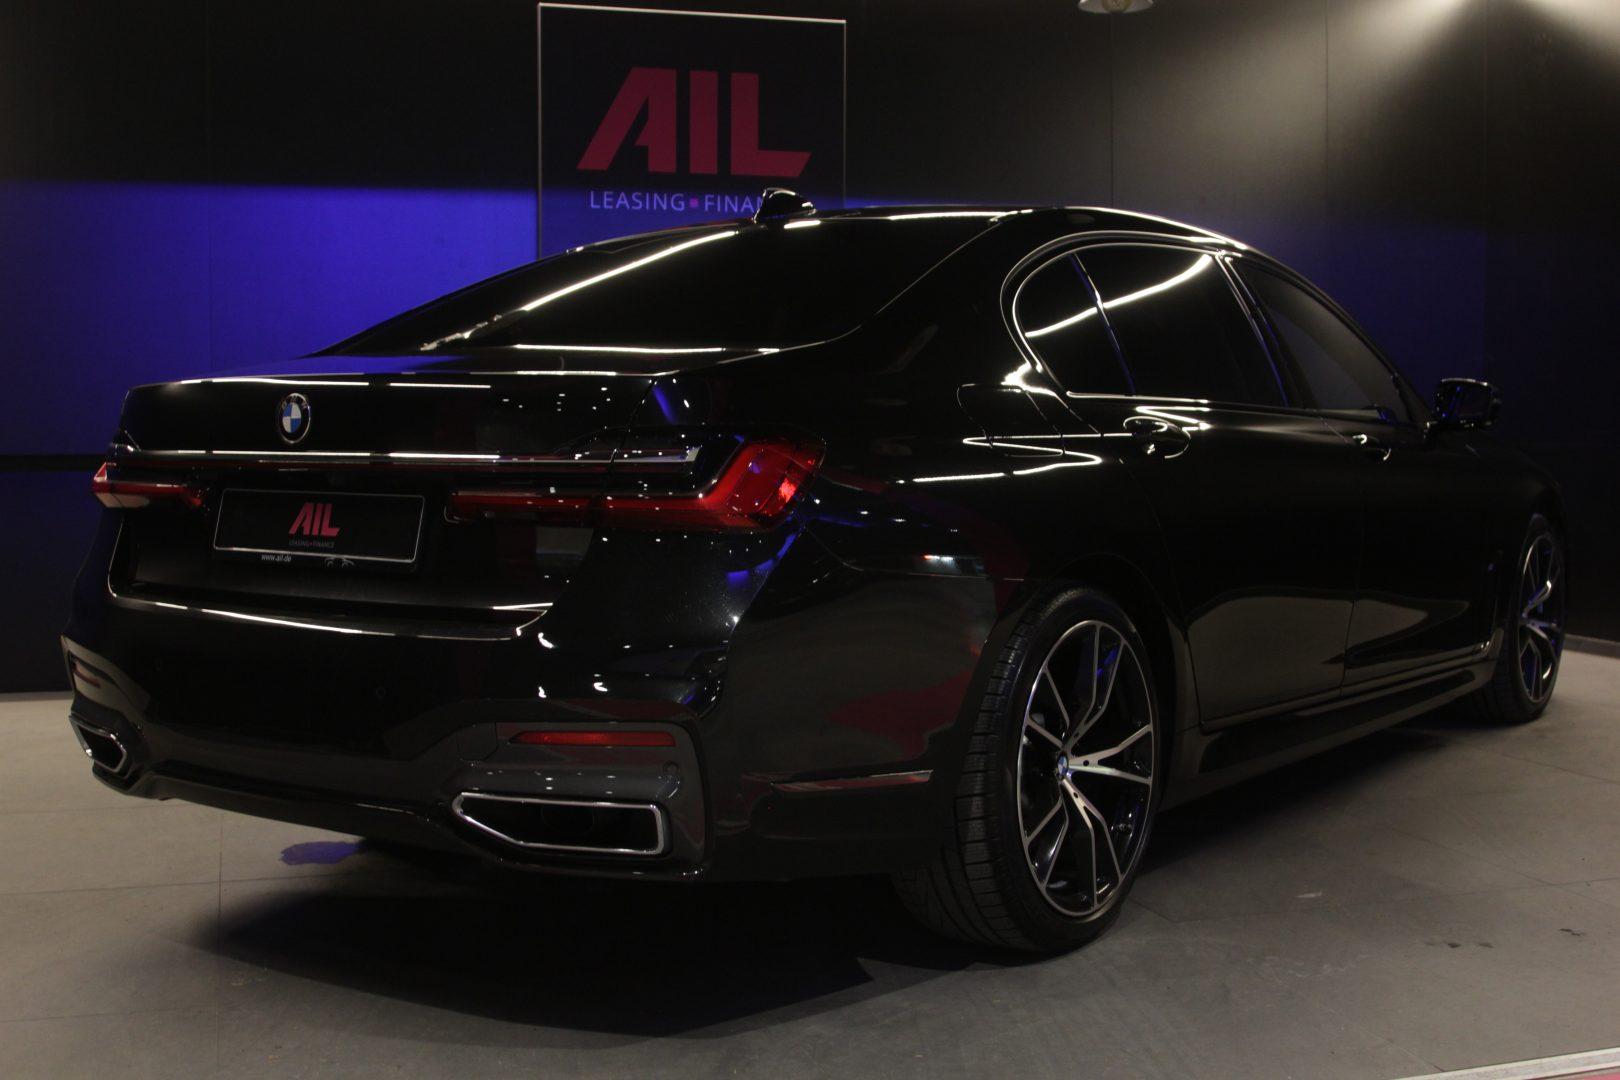 AIL BMW 730Ld xDrive M Paket Laser  3